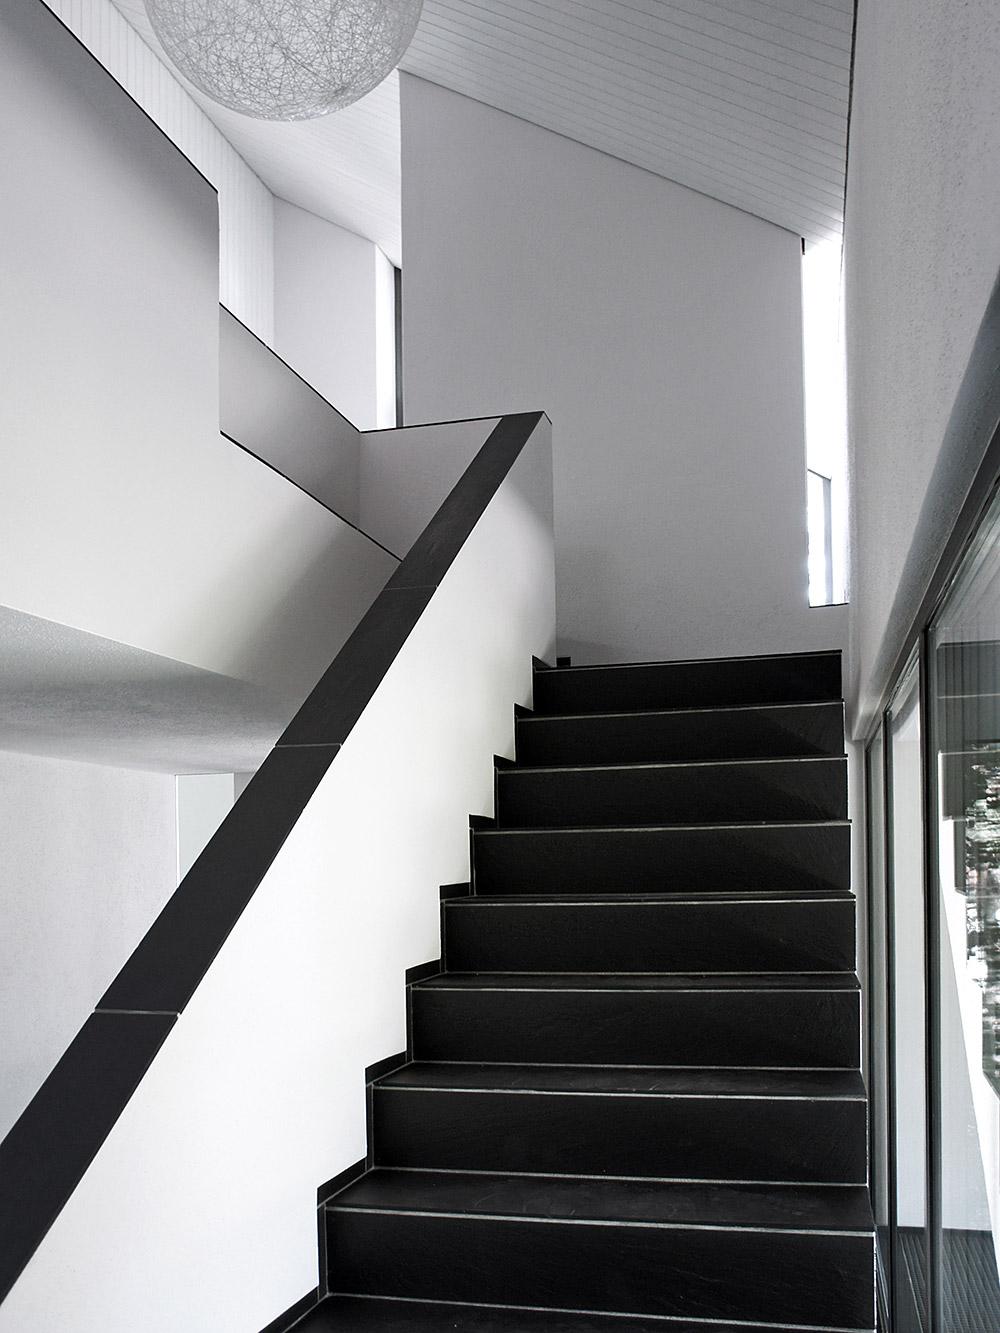 porto schiefer ka piccante sc porto schiefer xxmm kuche. Black Bedroom Furniture Sets. Home Design Ideas